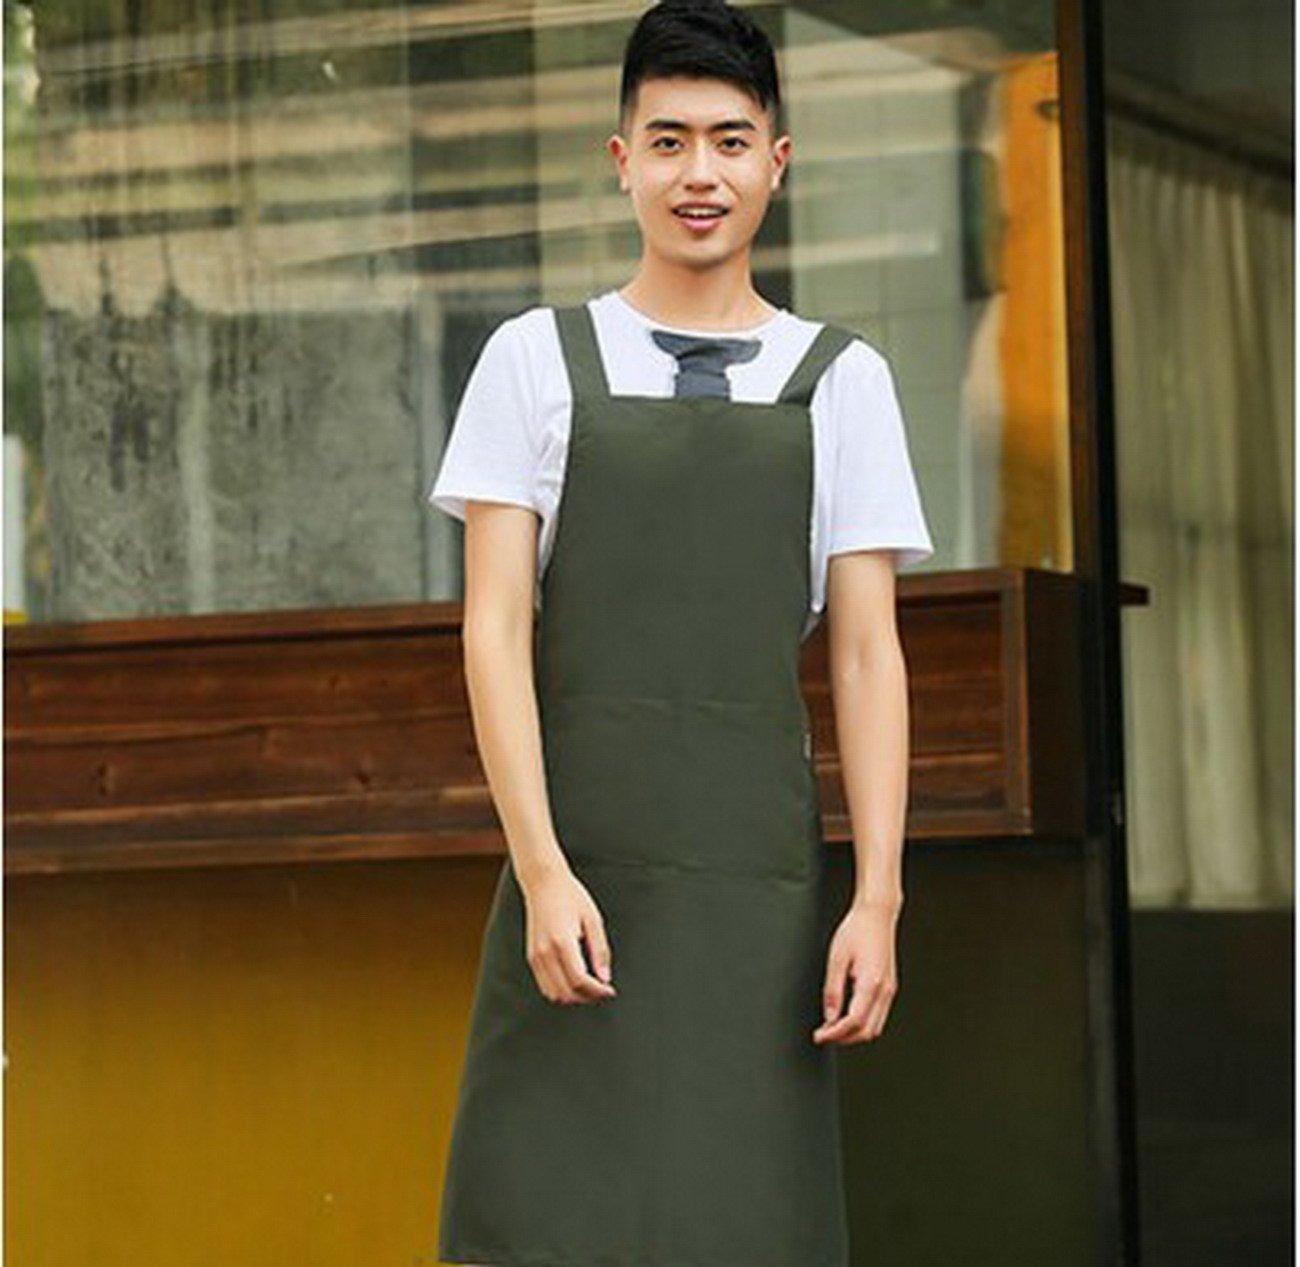 Geranjieファッションメンズandレディースウェイターレストランキッチン作業オーバーオールCooking Bakingコーヒーショップシンプル防水エプロンロゴカスタマイズ   B078W1V6G9